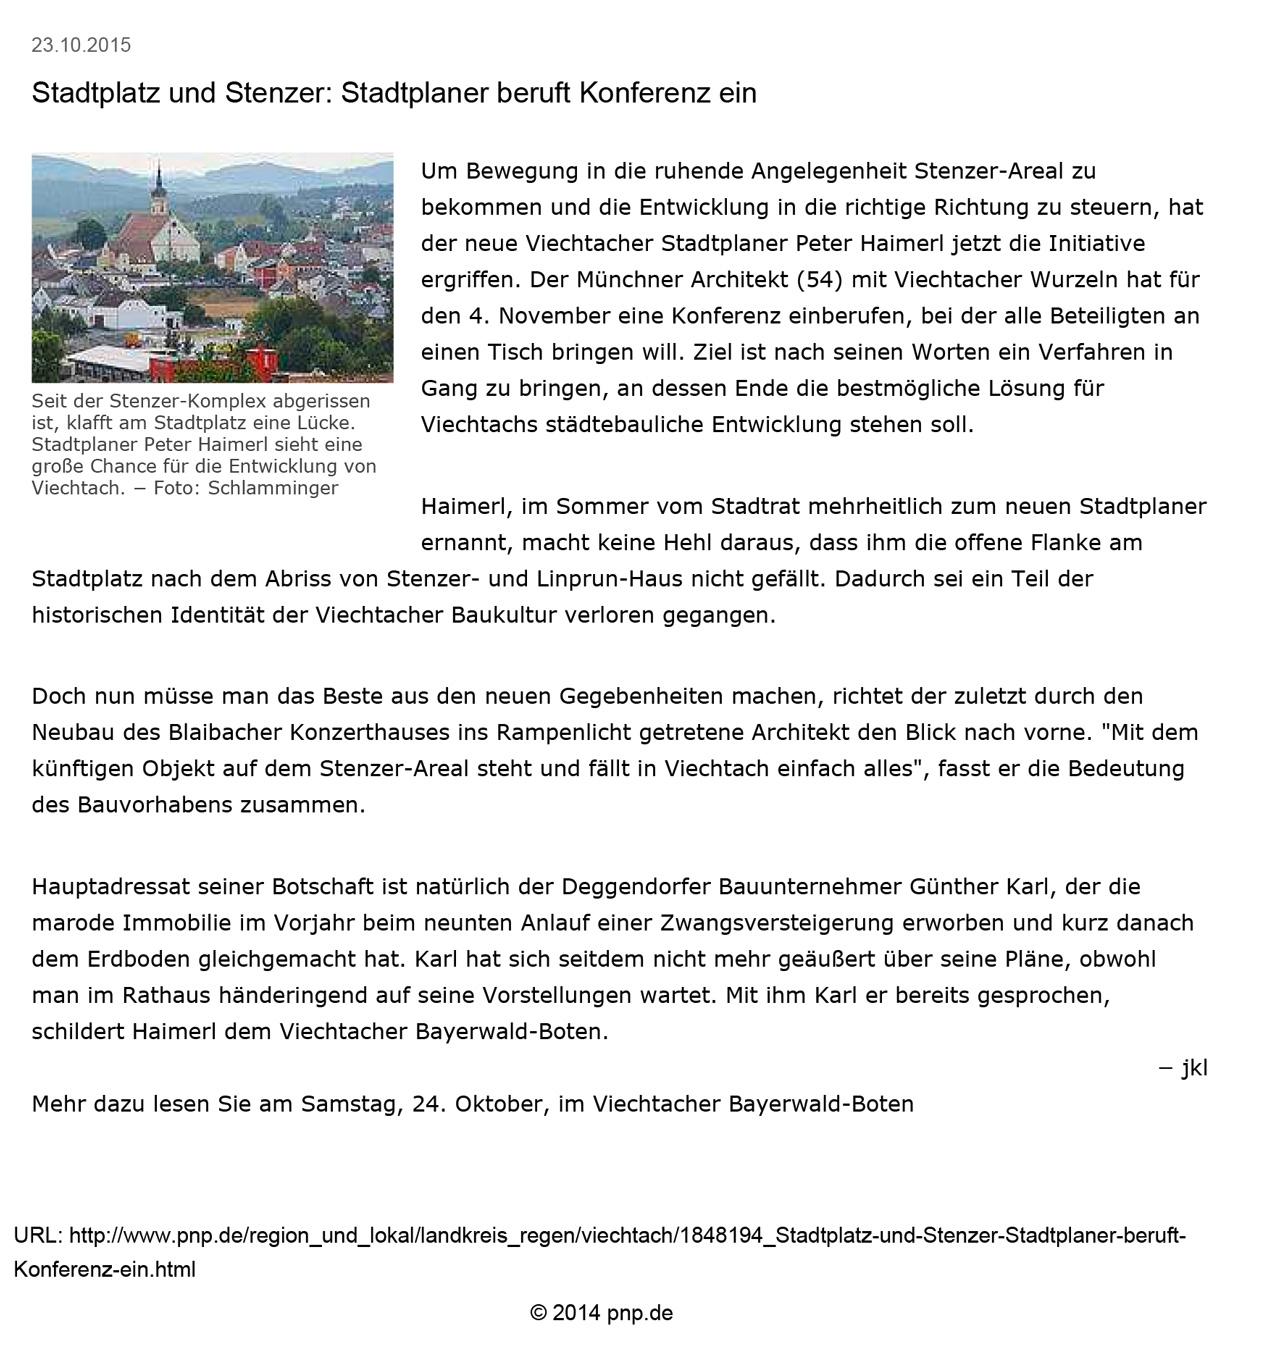 Stadtplatz und stenzer stadtplaner beruft konferenz ein for Stellenanzeige stadtplaner